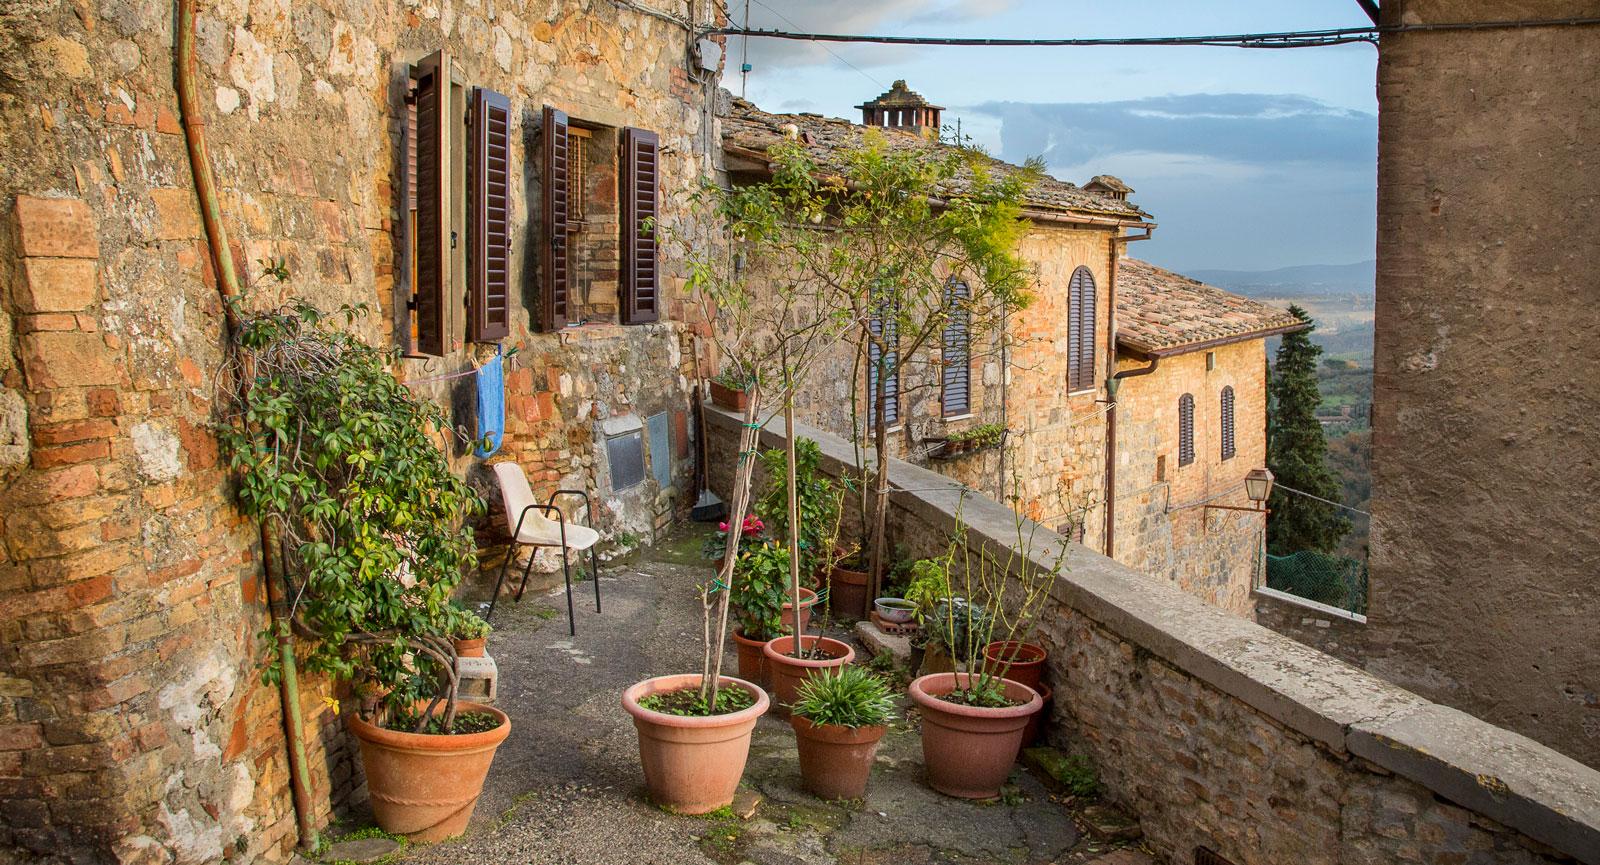 Långt ifrån det mest kända stället i San Gimignano, men  likväl ett väldigt mysigt hörn.